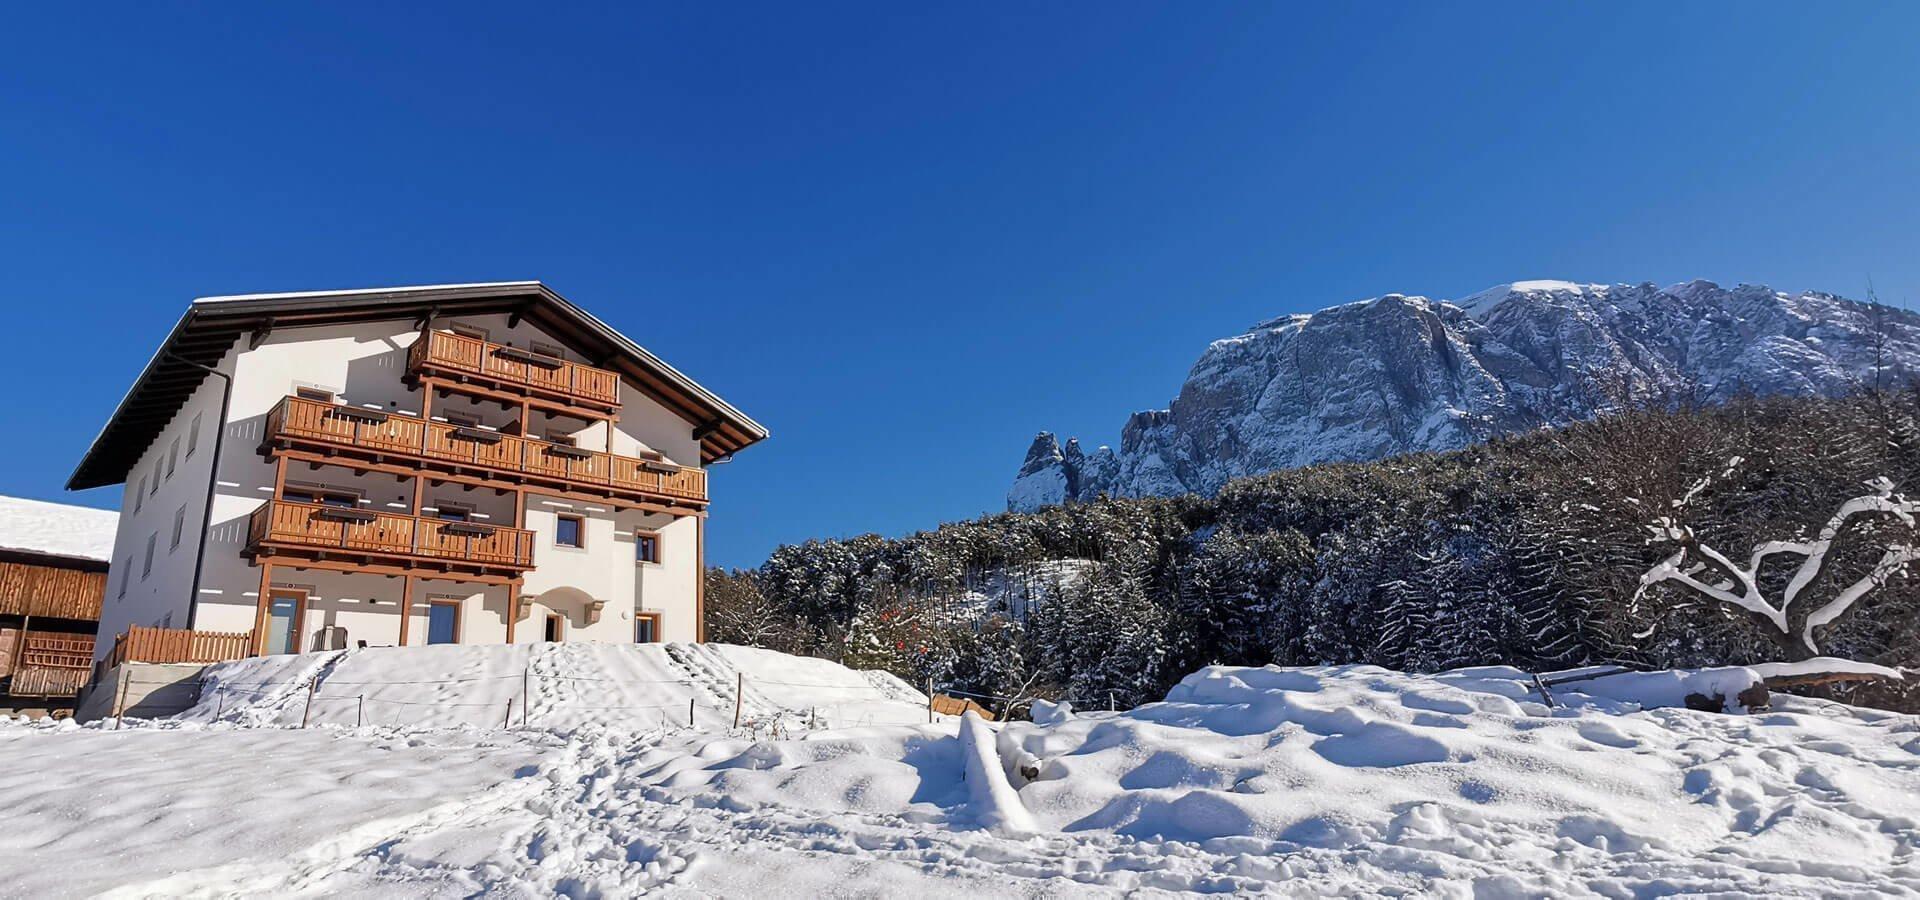 winterurlaub-auf-dem-bauernhof-seiser-alm-suedtirol